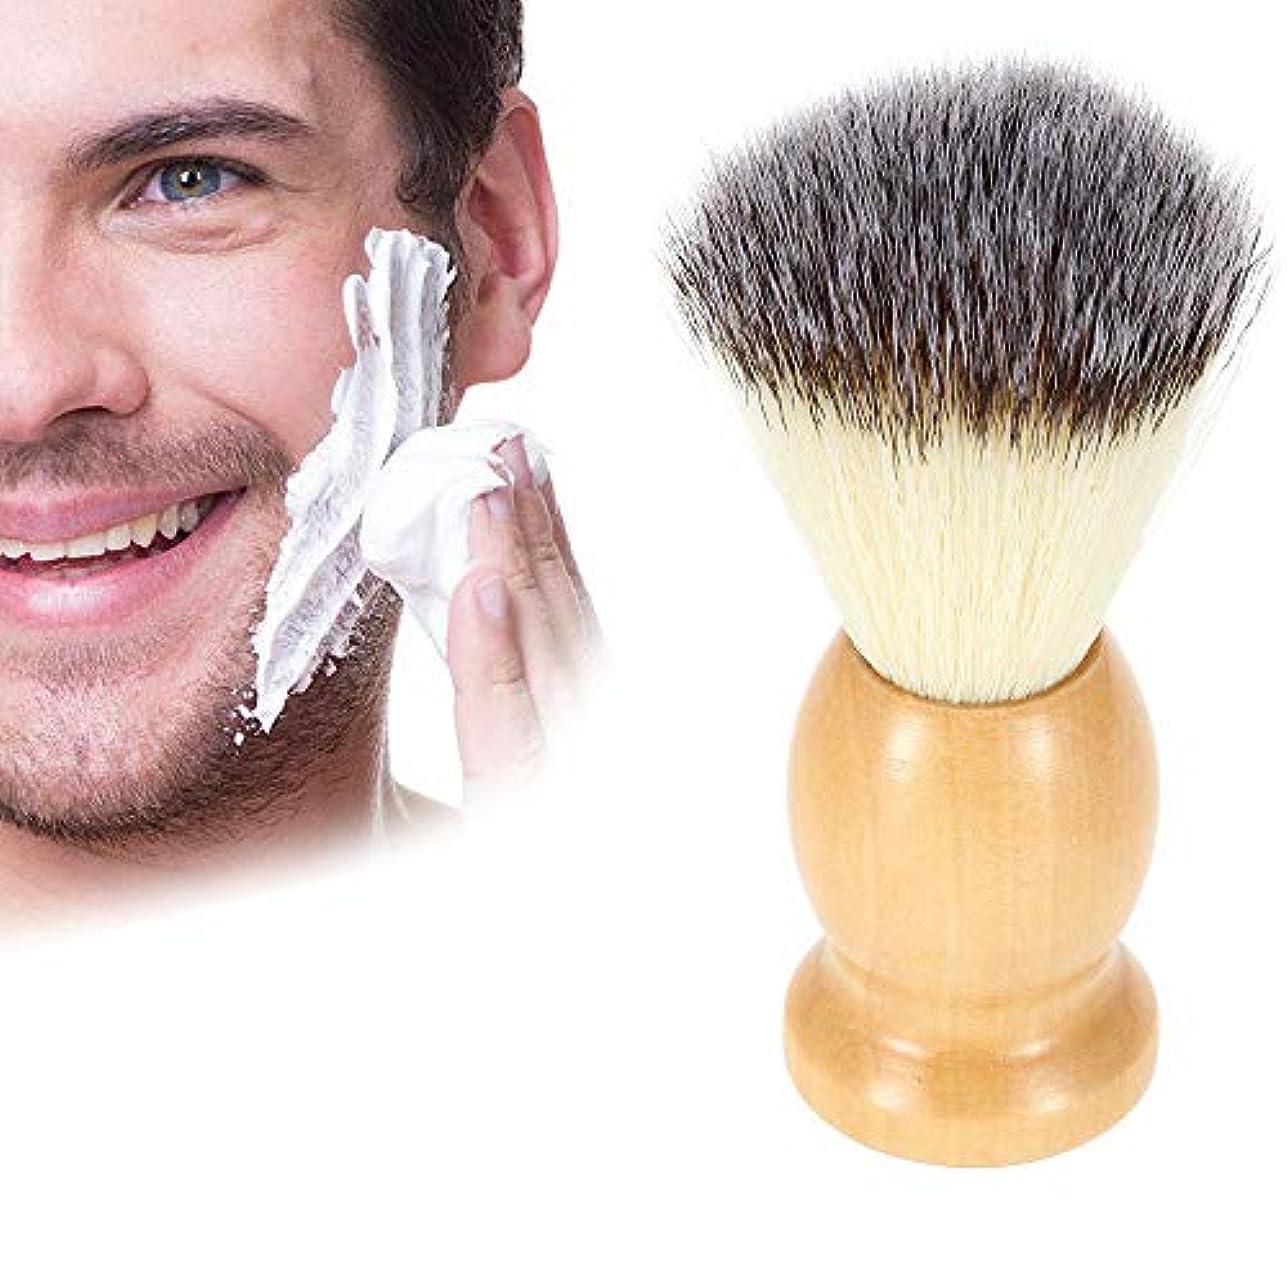 チームむき出し支配するButokal ナイロンひげブラシ メンズ用ブラシ 木製ハンドルシェービングブラシ 泡立ち ひげブラシ 理容 洗顔 髭剃り ご主人 ボーイフレンド 友人 にプレゼント シェービング用アクセサリー